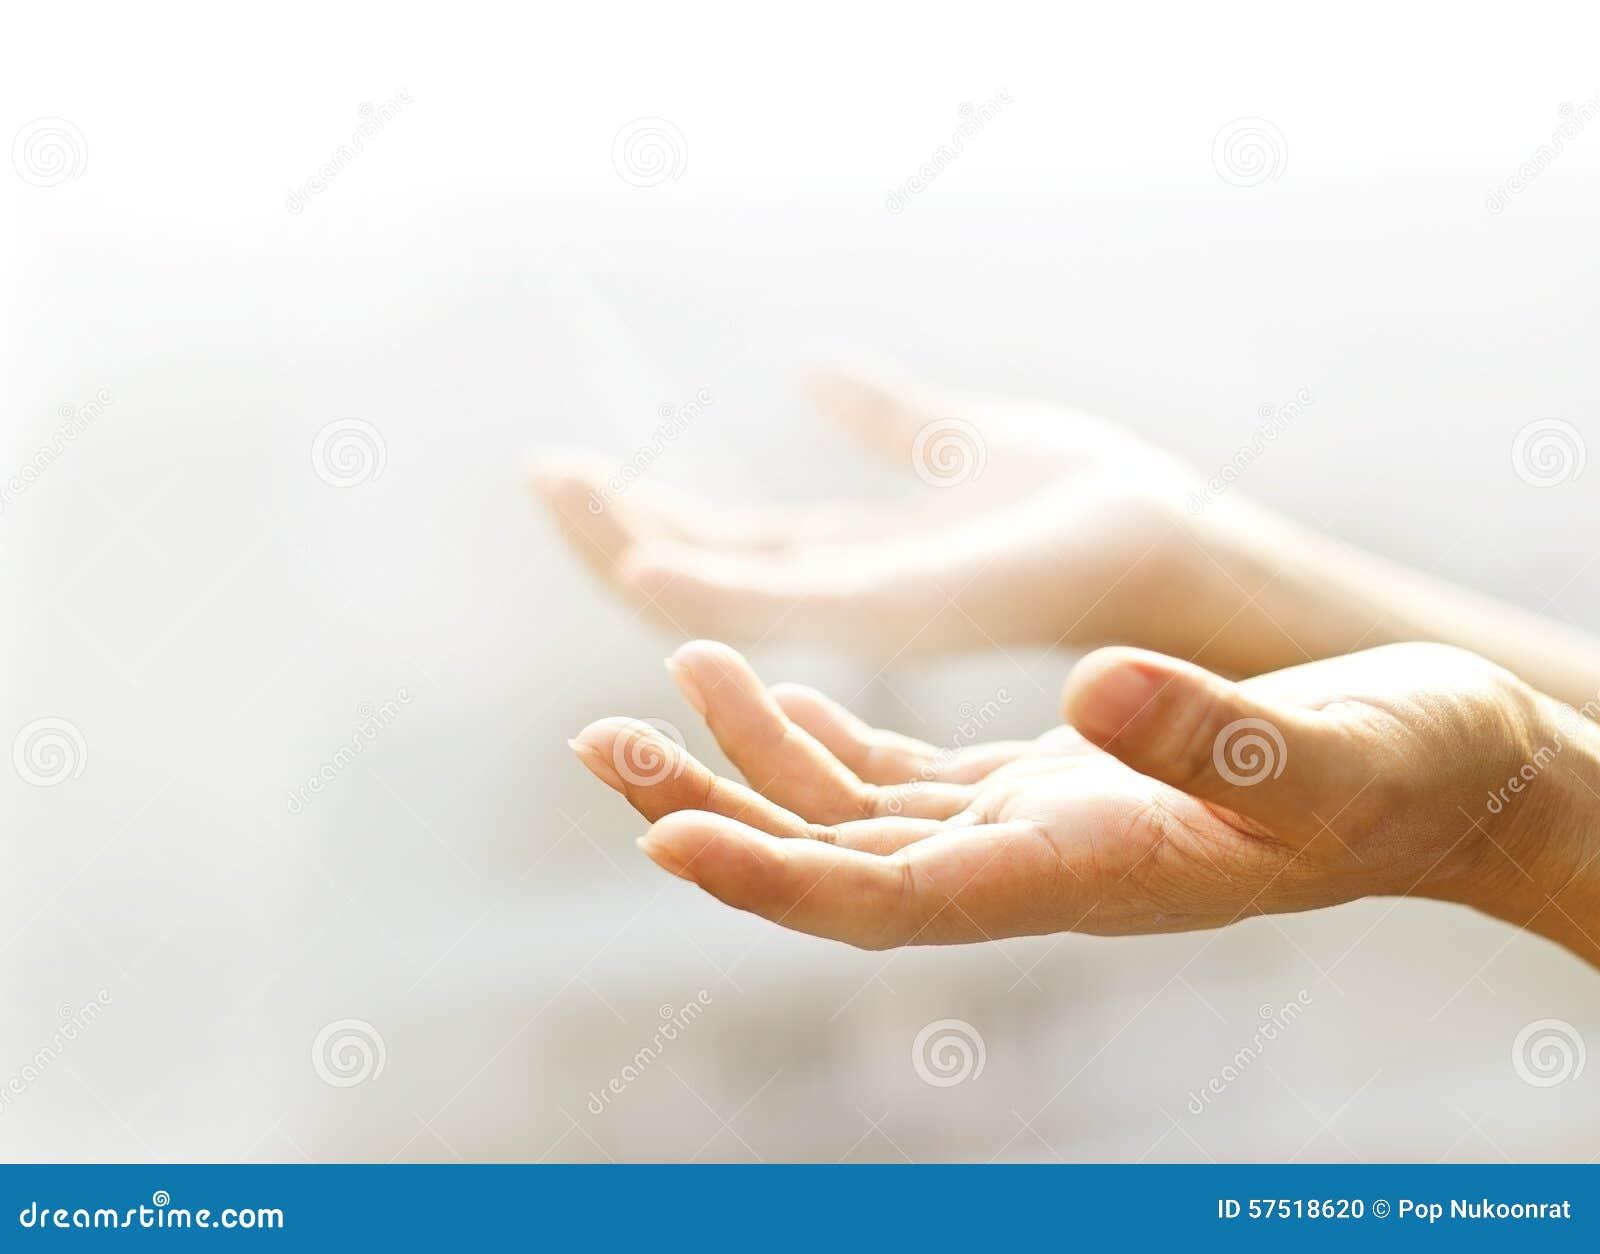 Human Open Empty Hands...